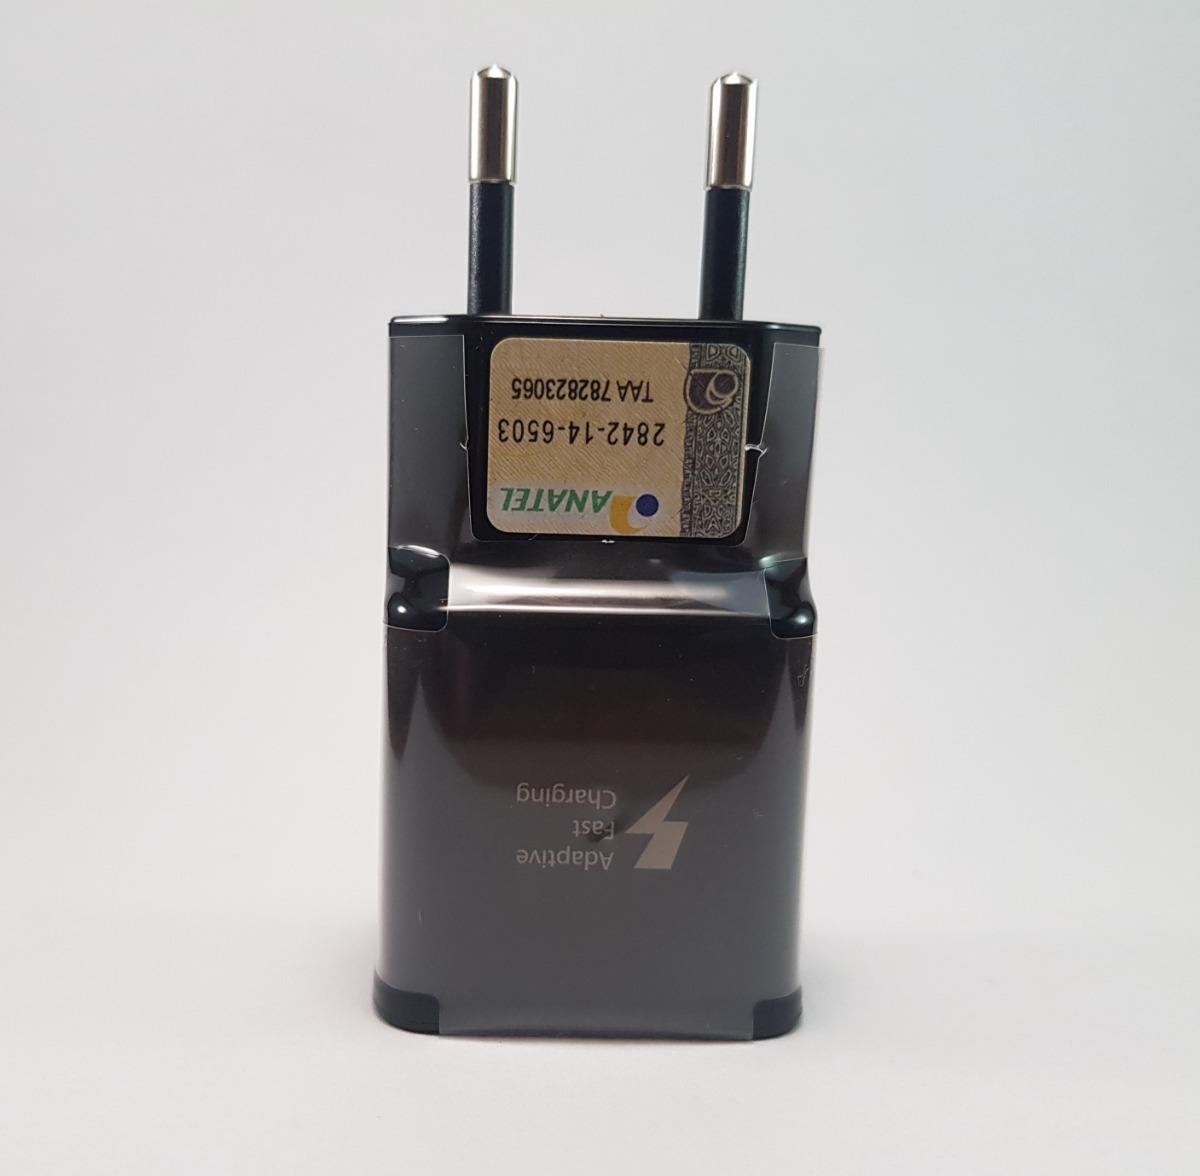 011745ef8cf21 Carregador Fast Charge Galaxy S8 Original Super Barato - R  85